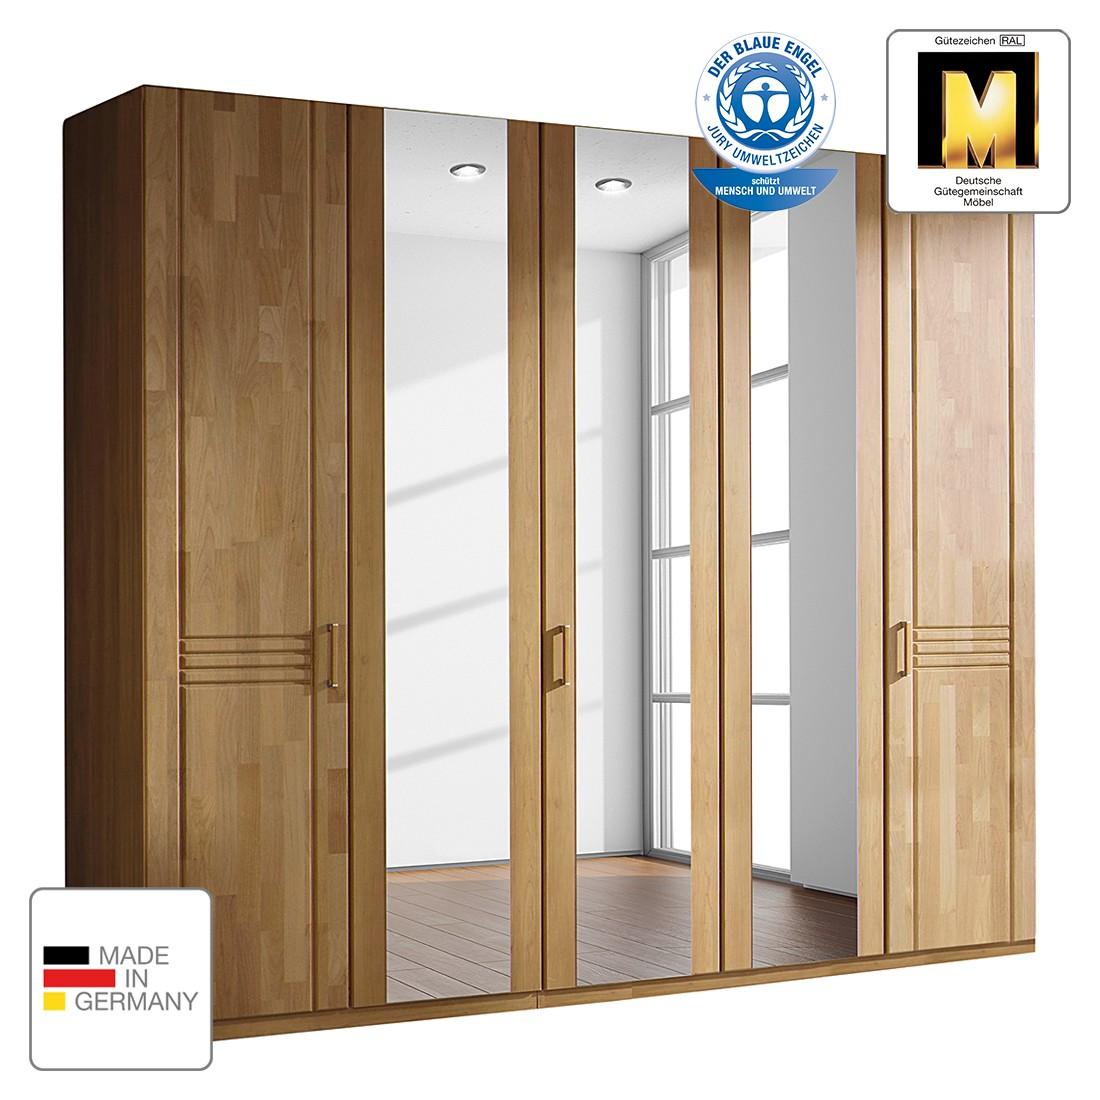 goedkoop Draaideurkast Savina Wild eikenhout 329cm 7 deurs 3 spiegeldeuren Zonder Passe partout lijst Rauch Steffen